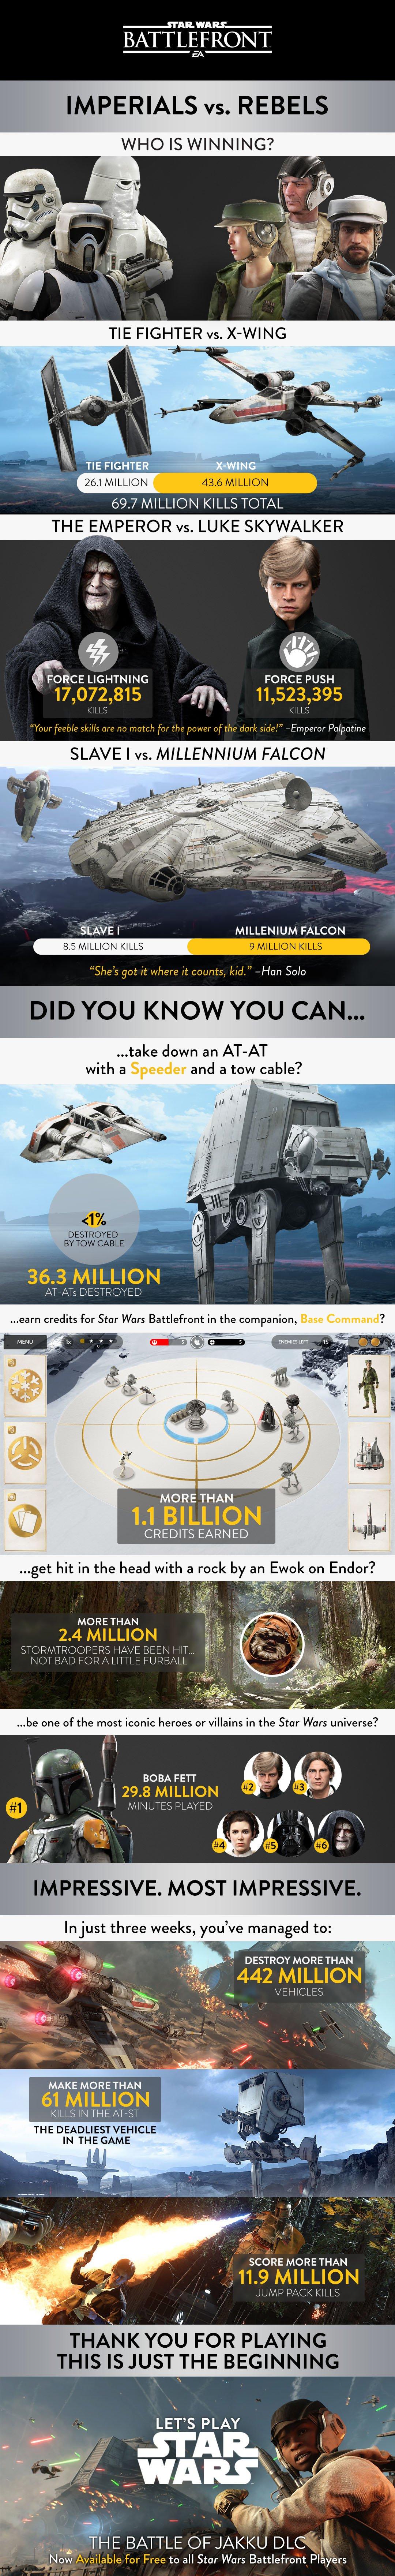 star-wars-battlefront-infopgrahic